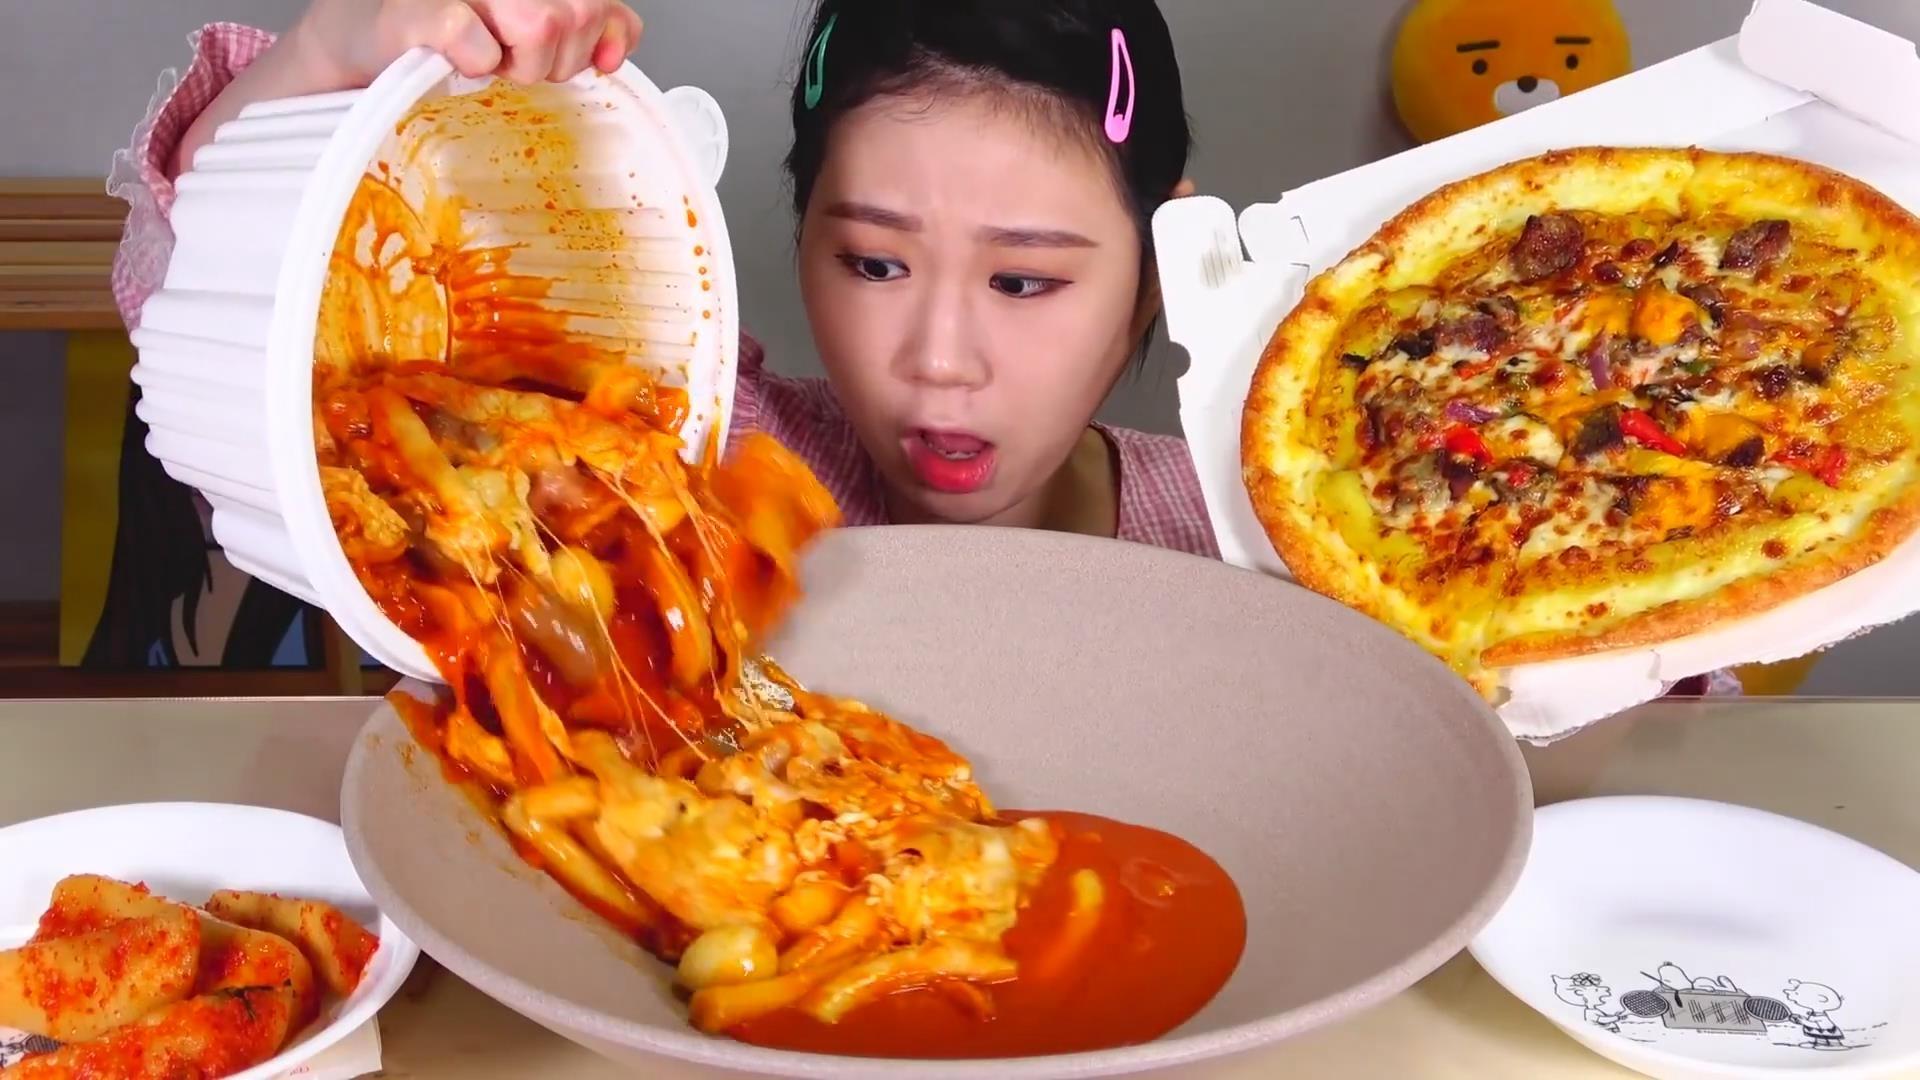 【Fran卡妹】 炒年糕芝士披萨+黑色炸鸡+炸虾仁炸青椒